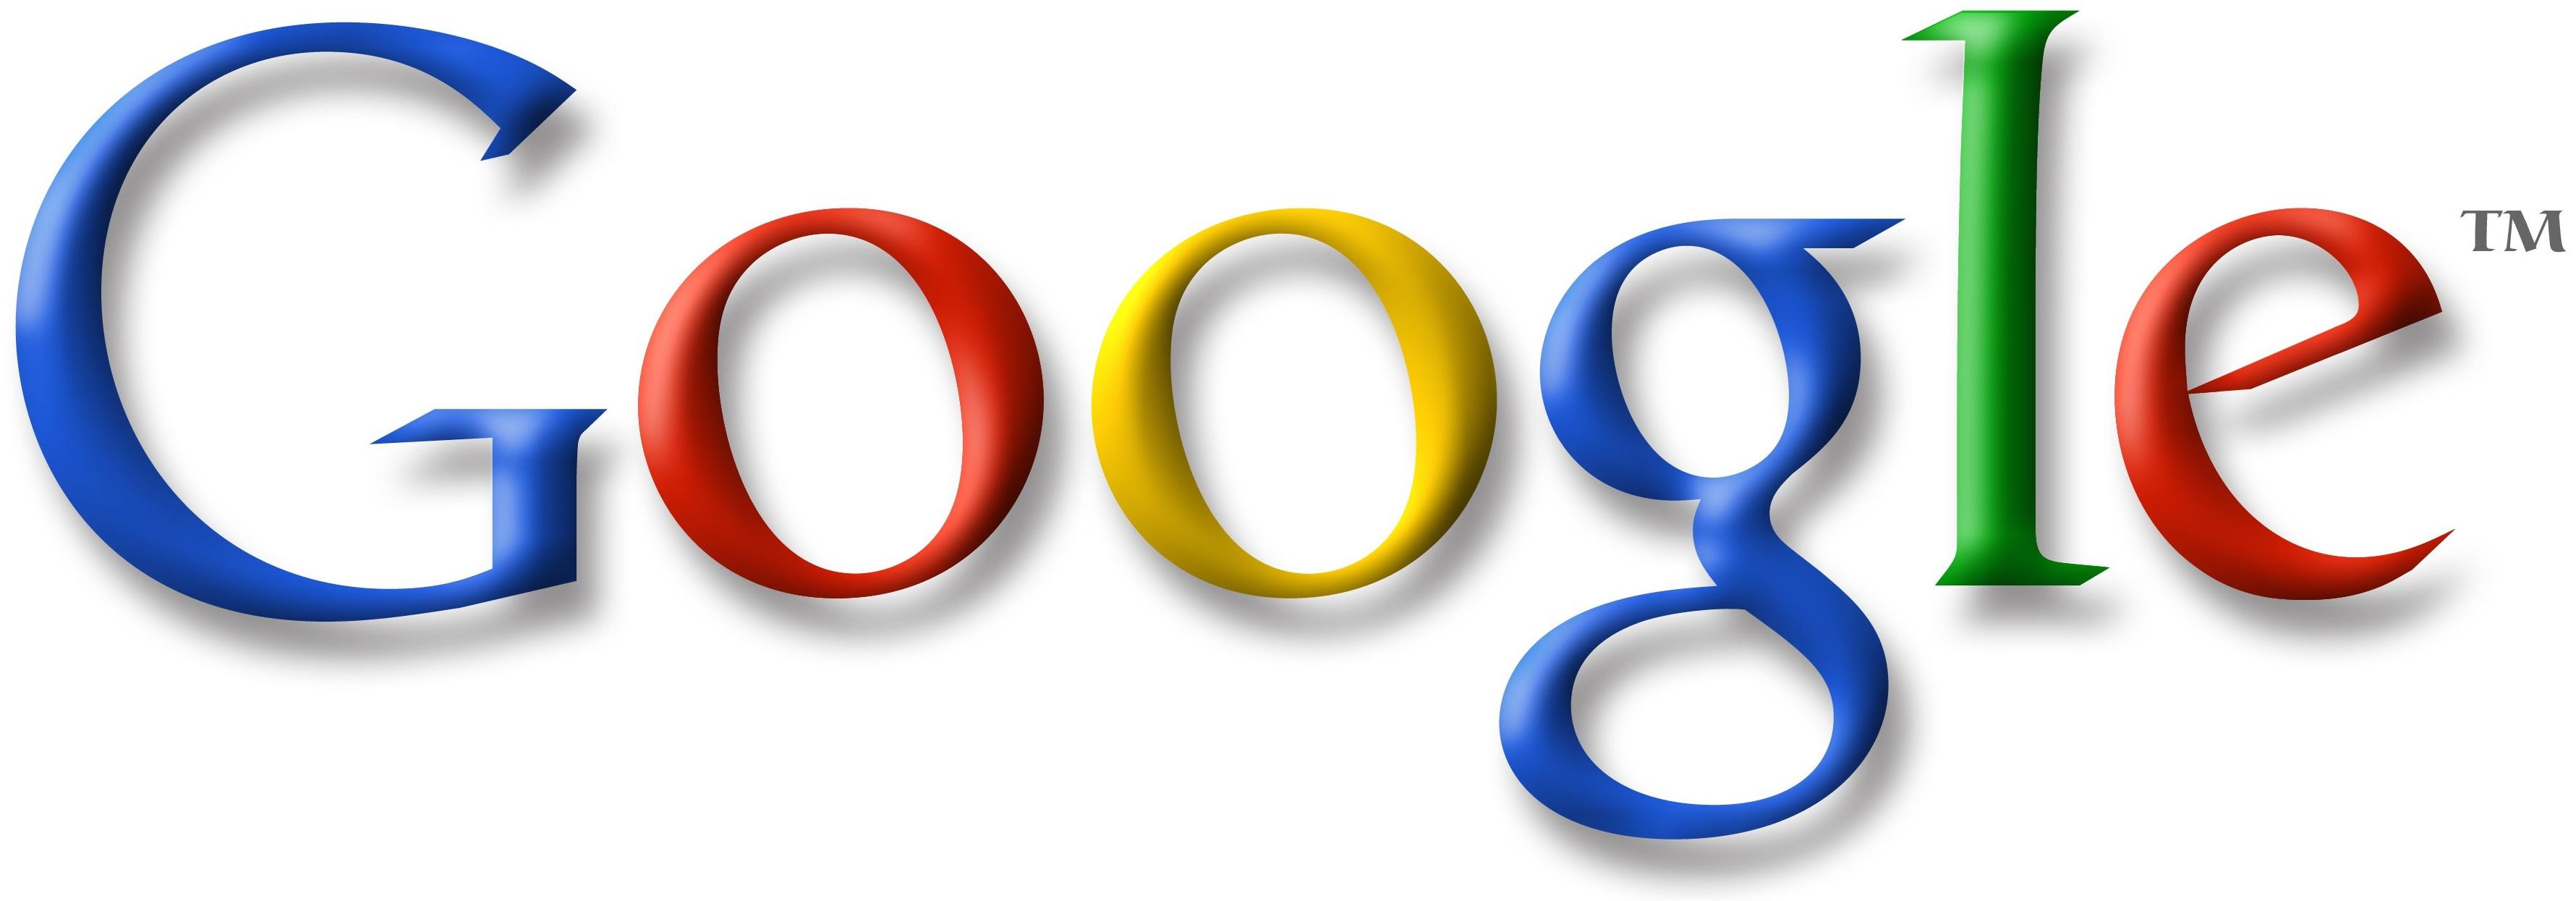 Editoria Accordo Tra Google Ed Editori Belgi Per Nuove Partnership Commerciali